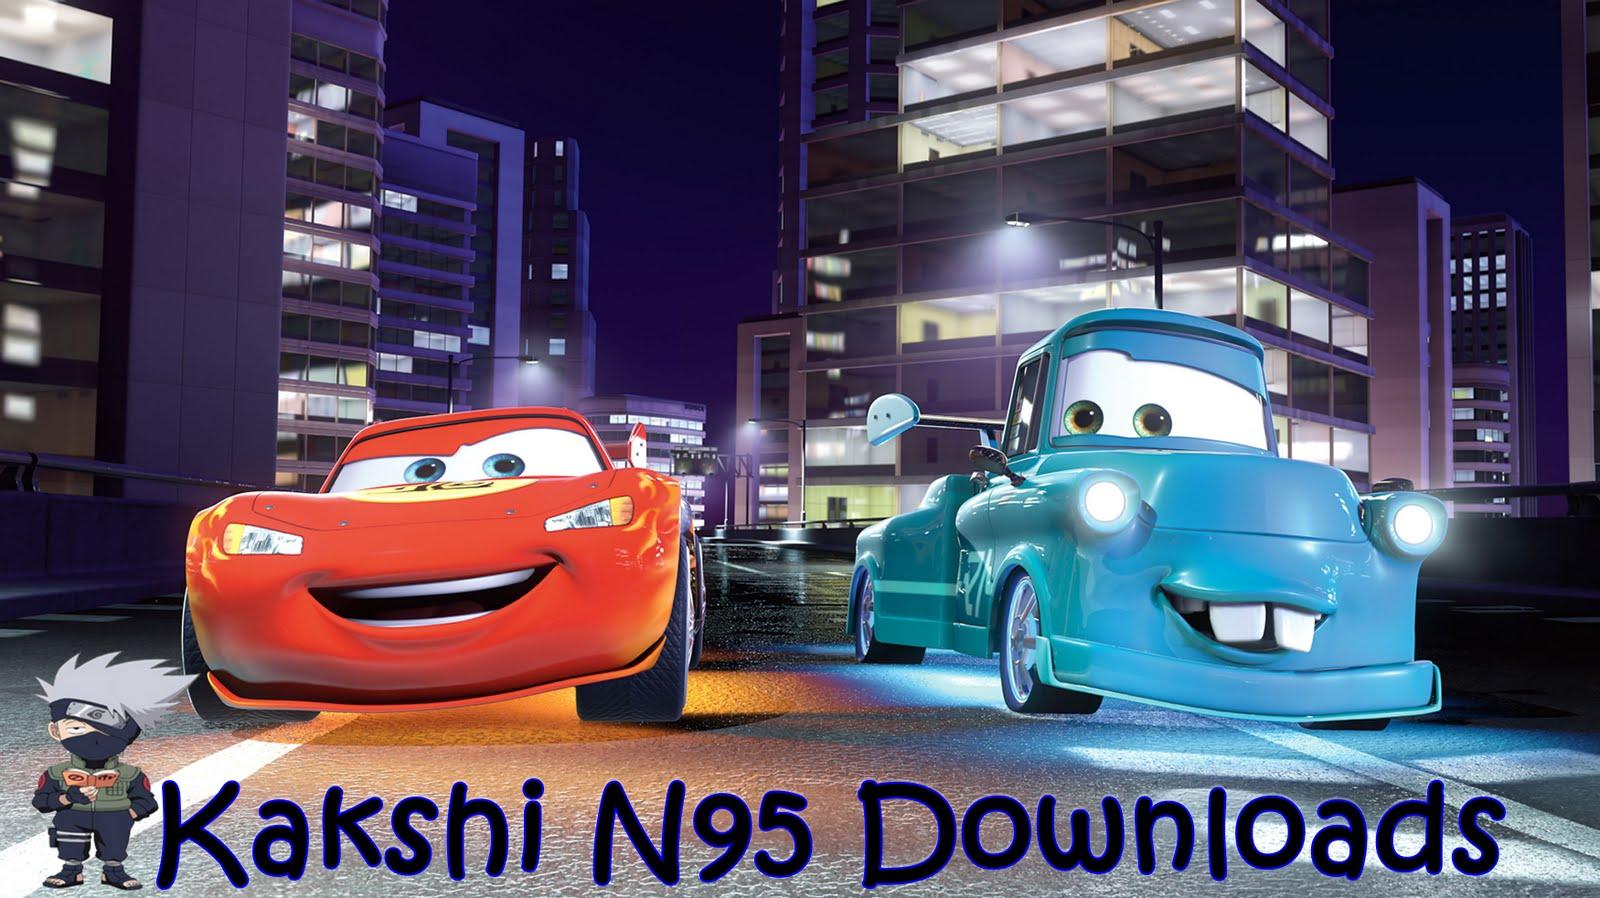 Kakshi N95 Downloads: Download Kung Fu Panda 2 RMVB Dublado